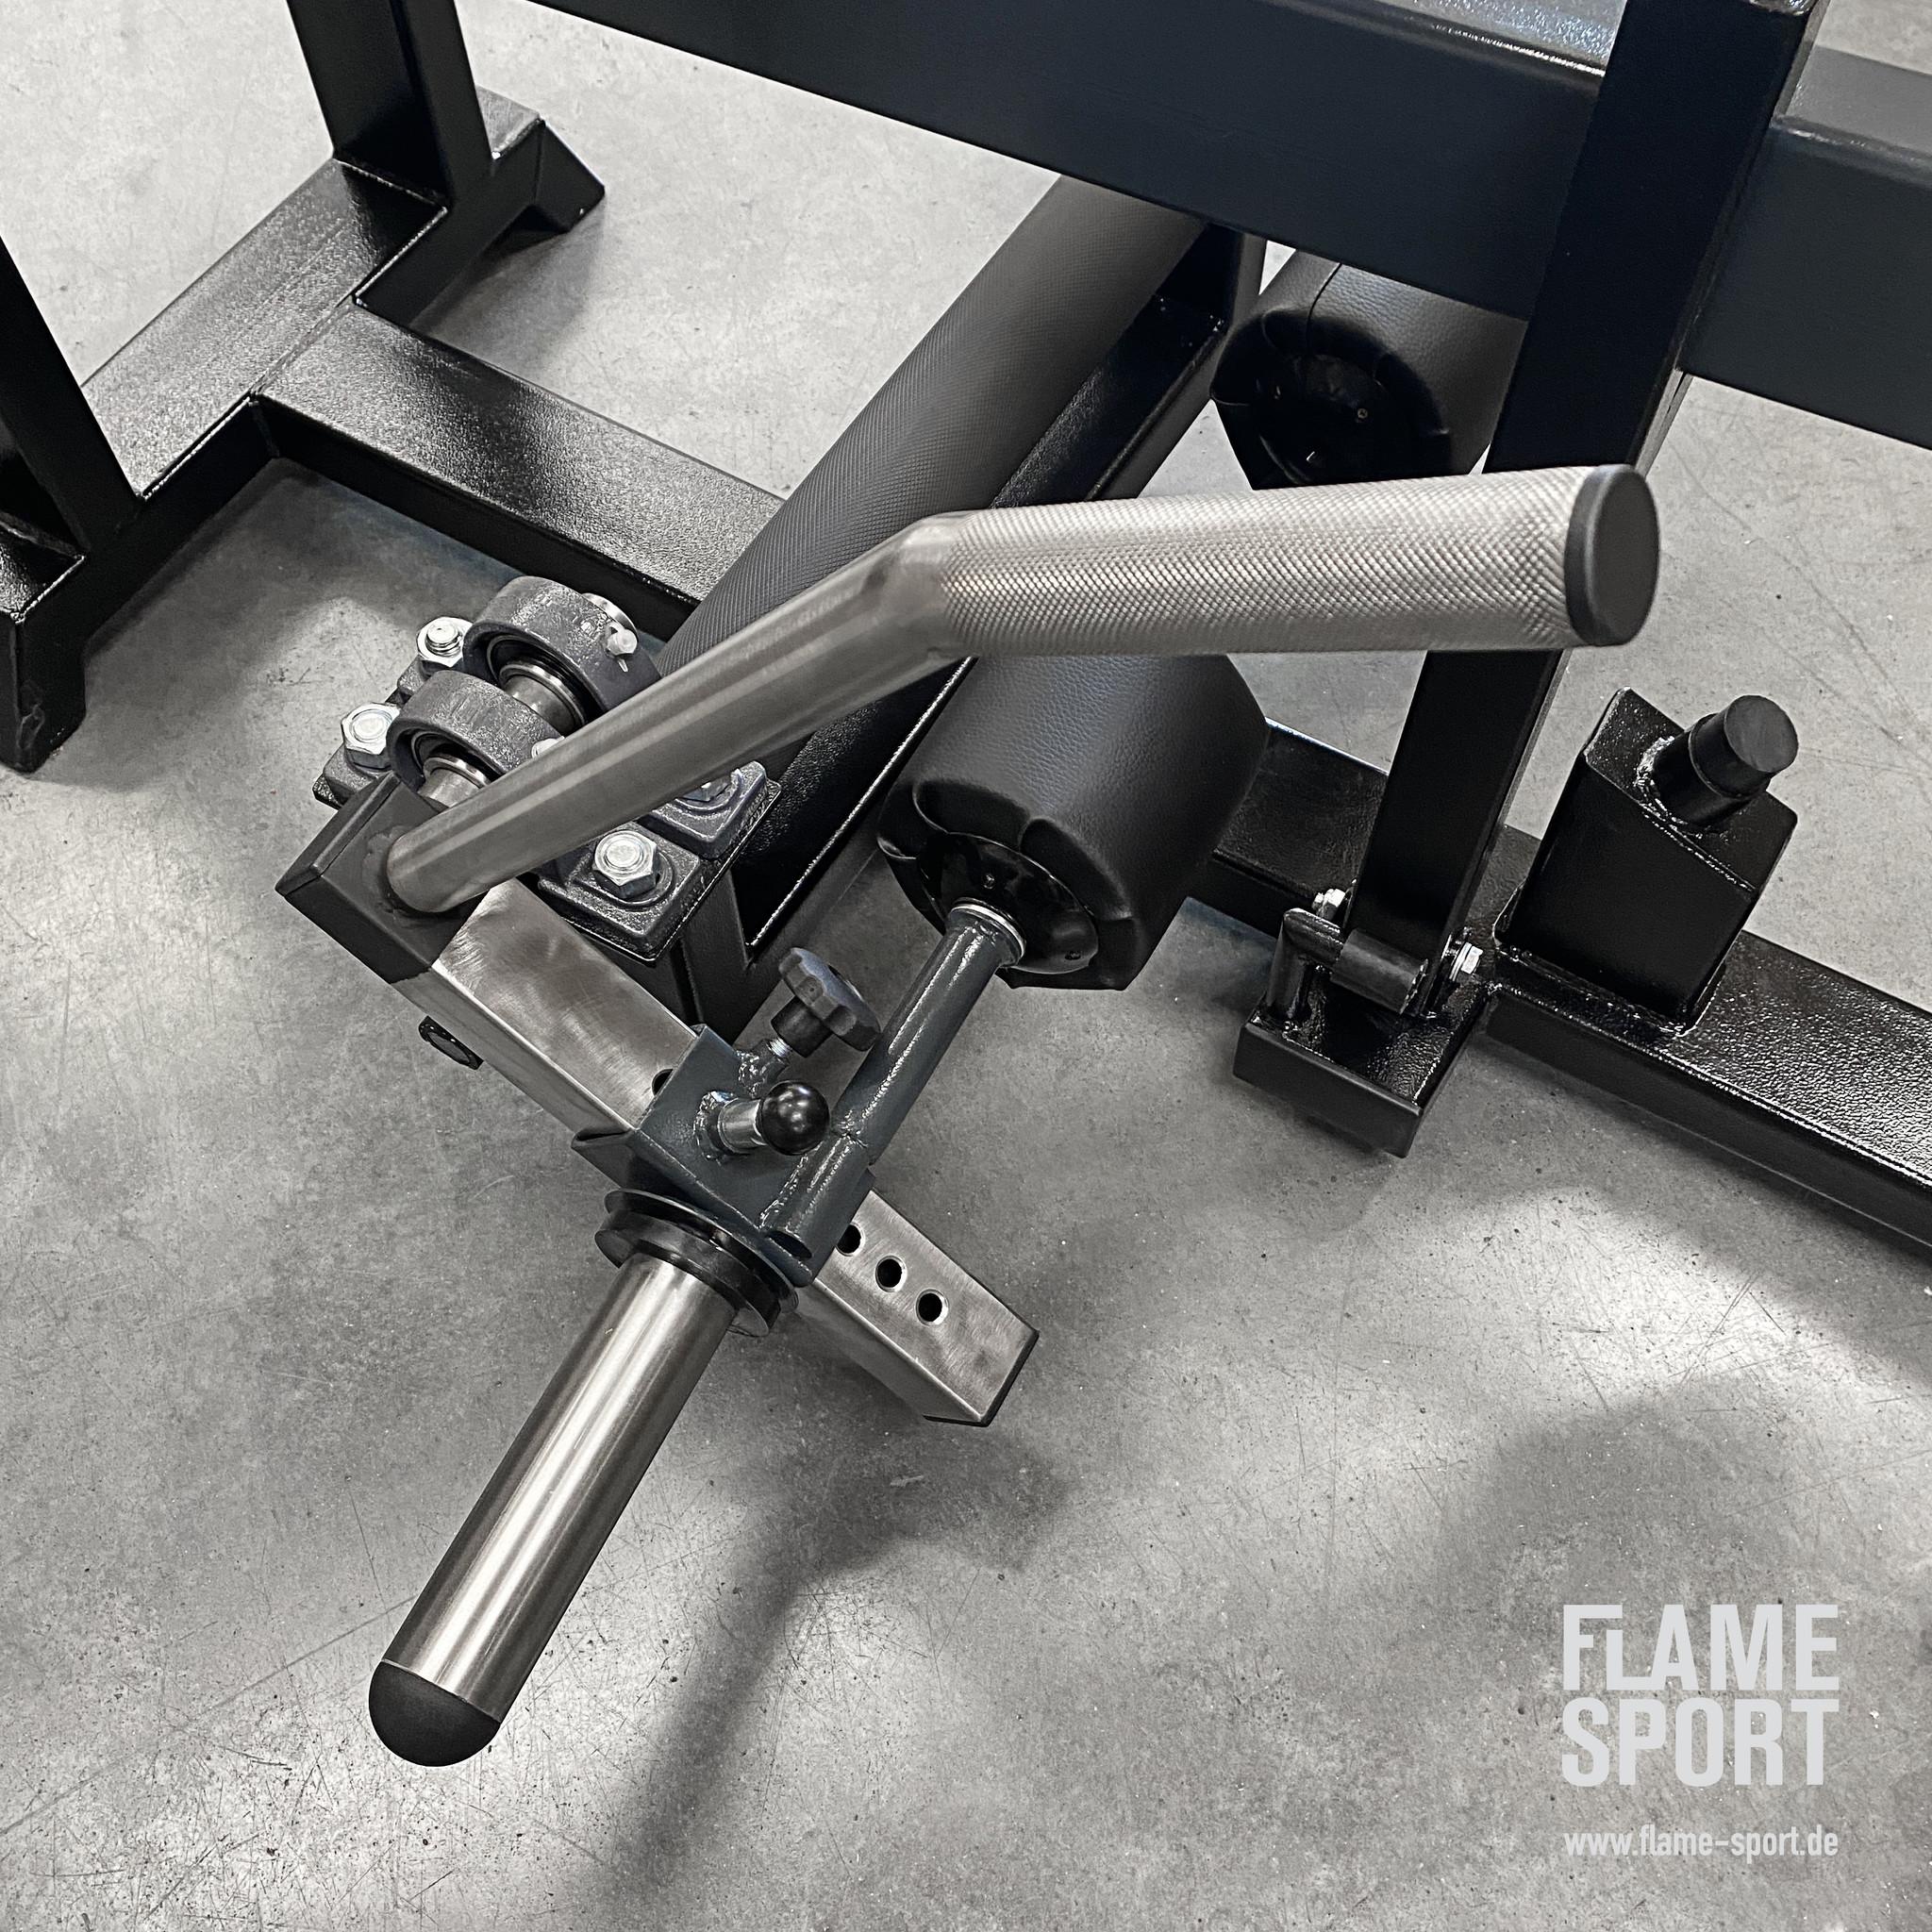 Wadenmaschine (1oX), sitzend/ Plate loaded